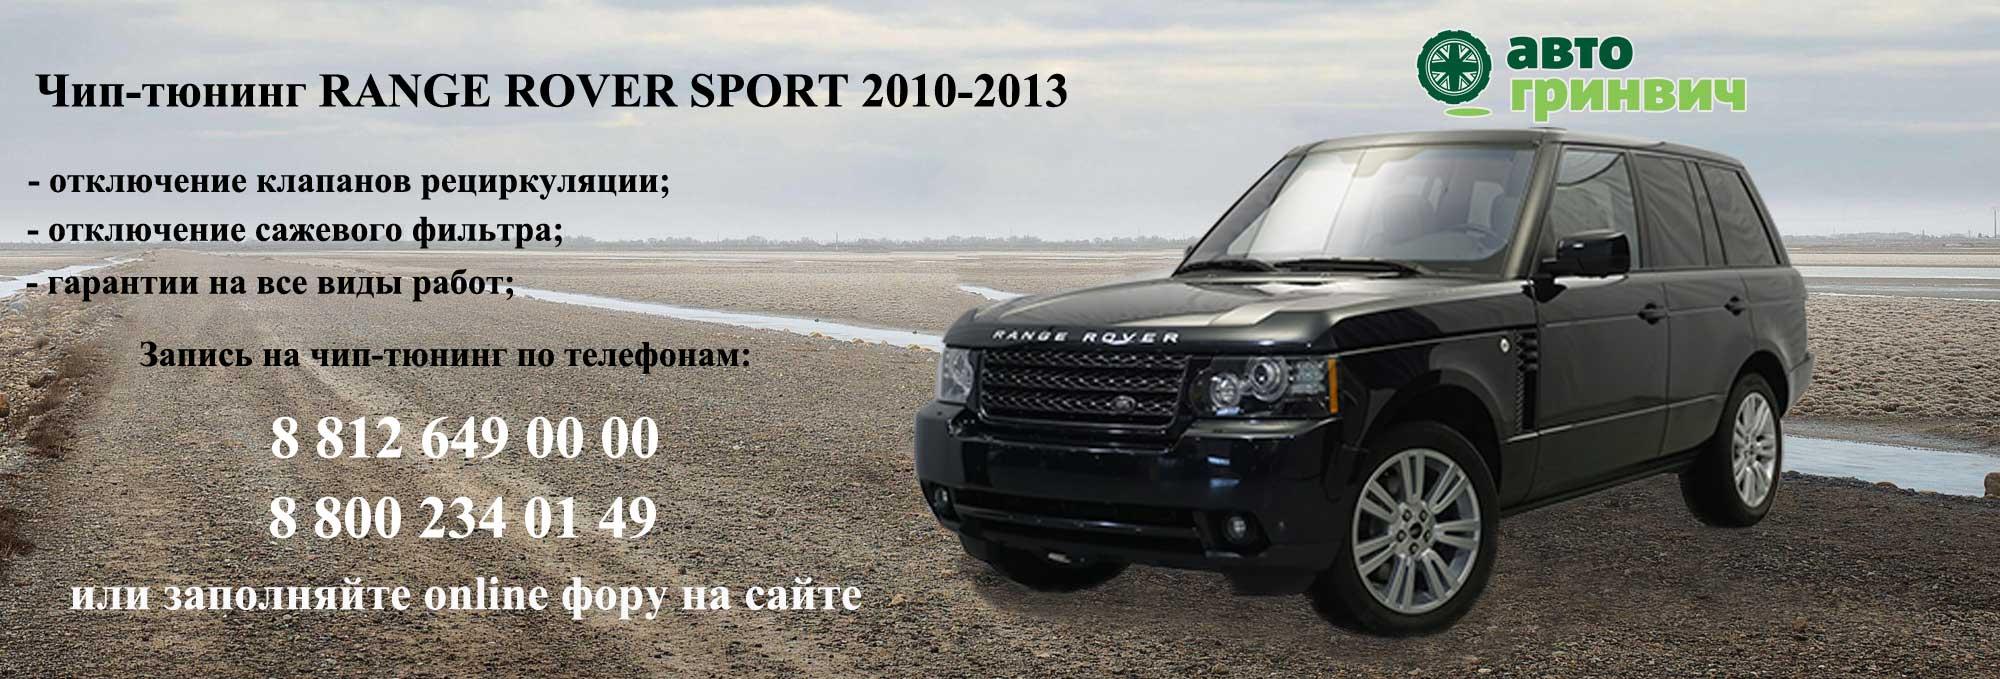 Чип-тюнинг Range Rover Sport 2010-2013